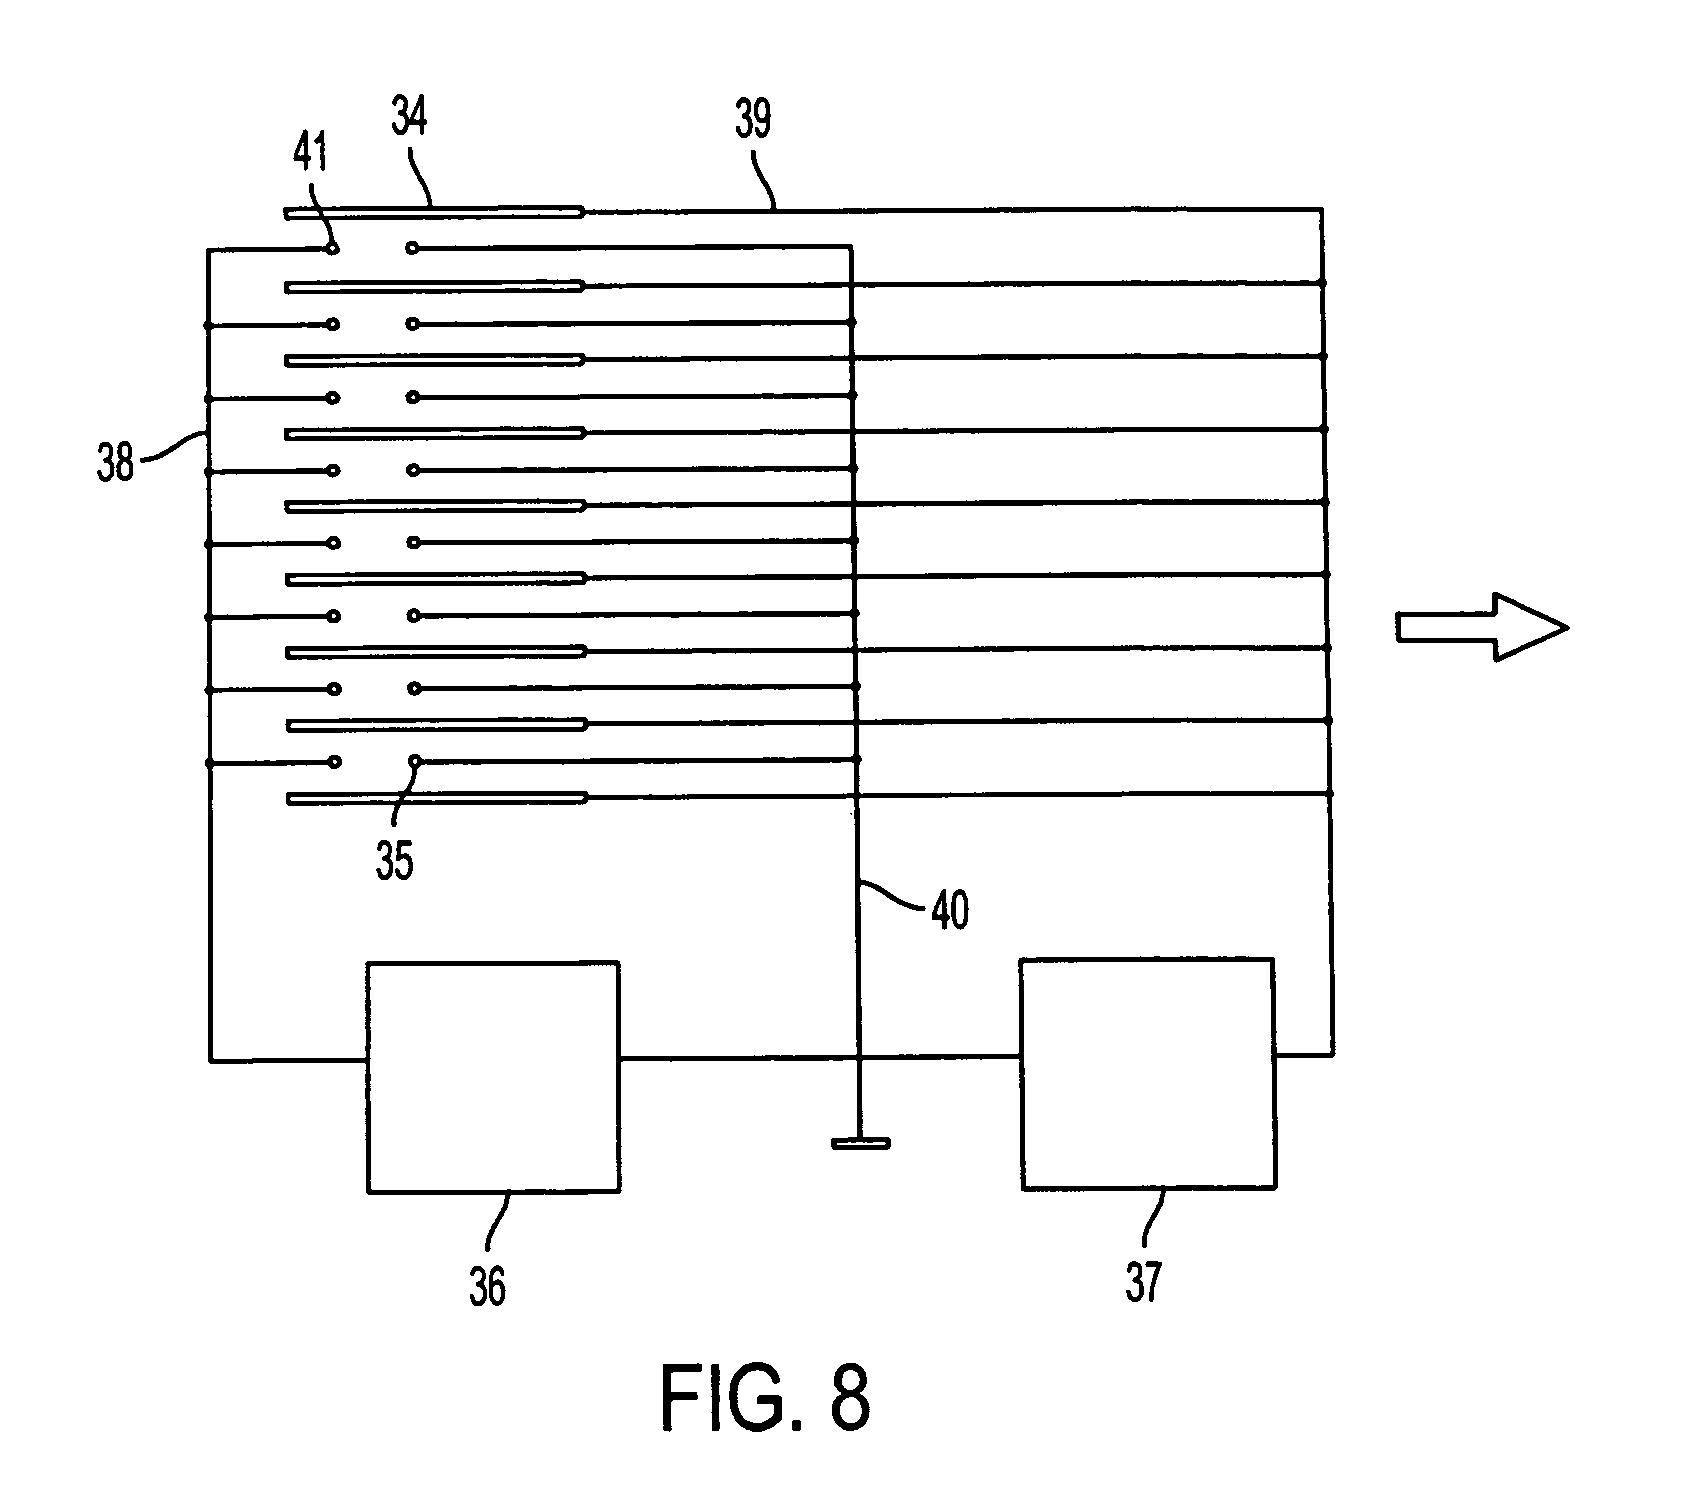 Electrostatic Fluid Accelerator : Patent us electrostatic fluid accelerator